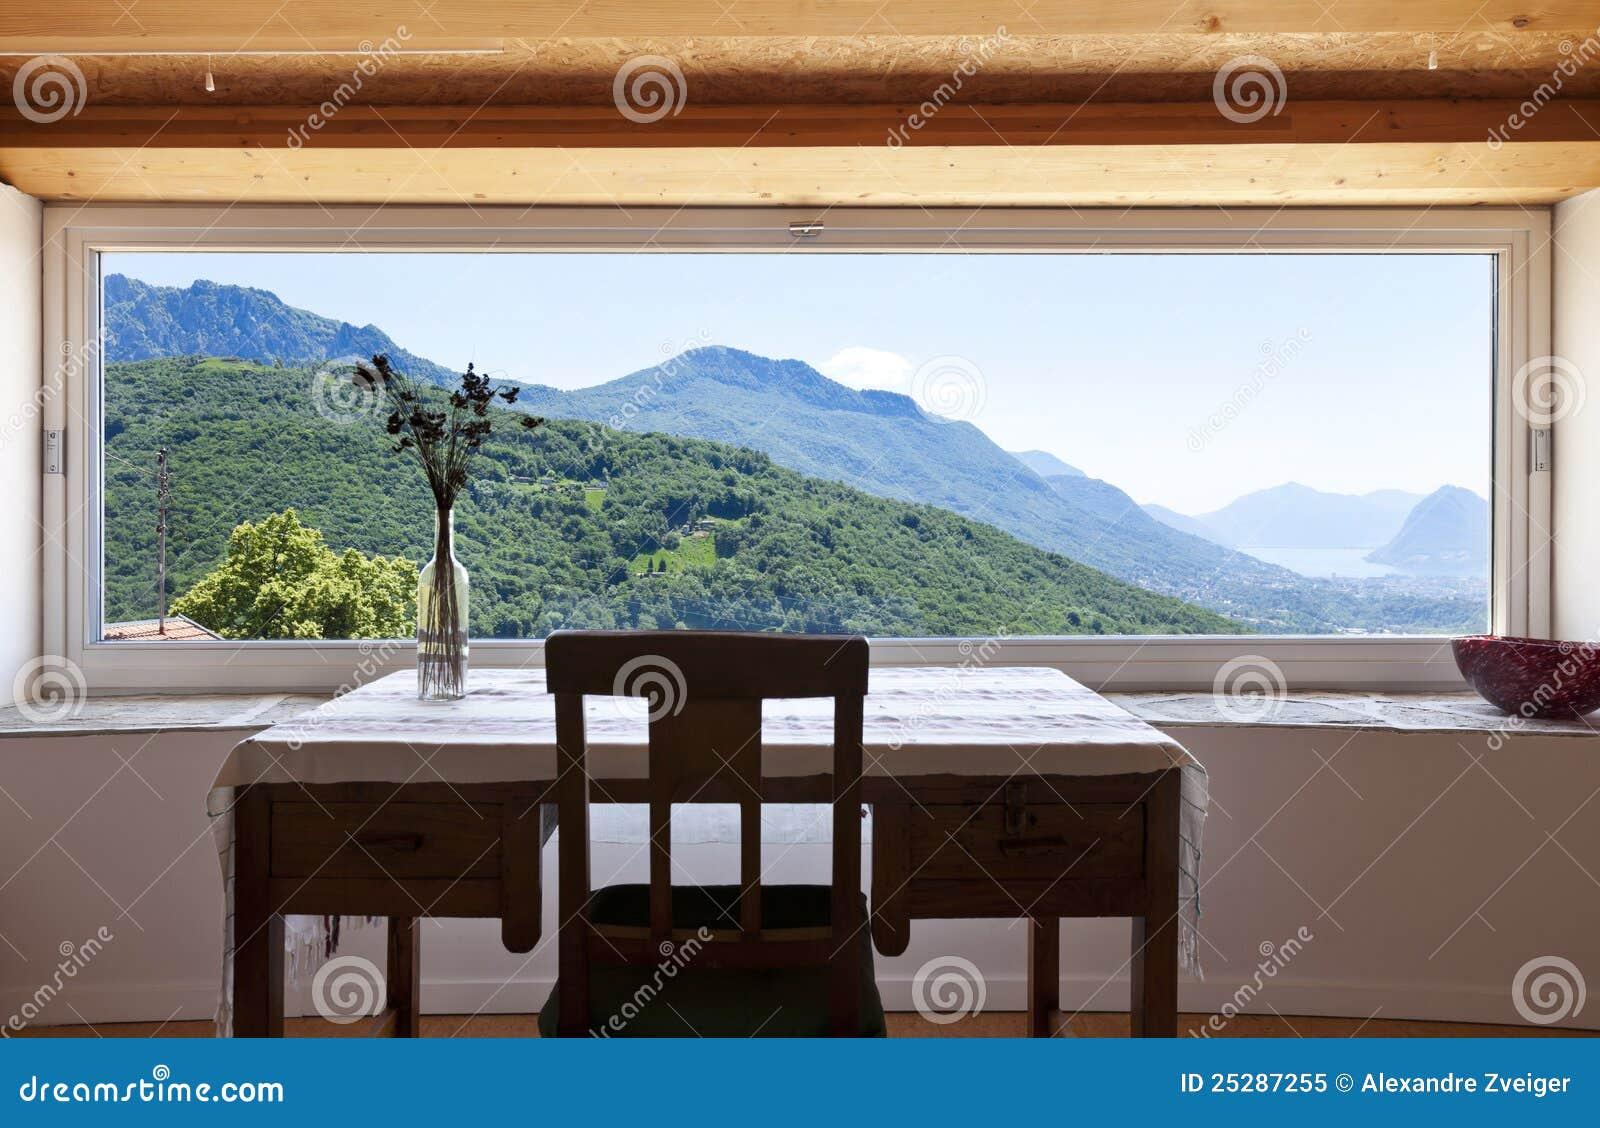 Fen tre panoramique photo libre de droits image 25287255 for La fenetre panoramique